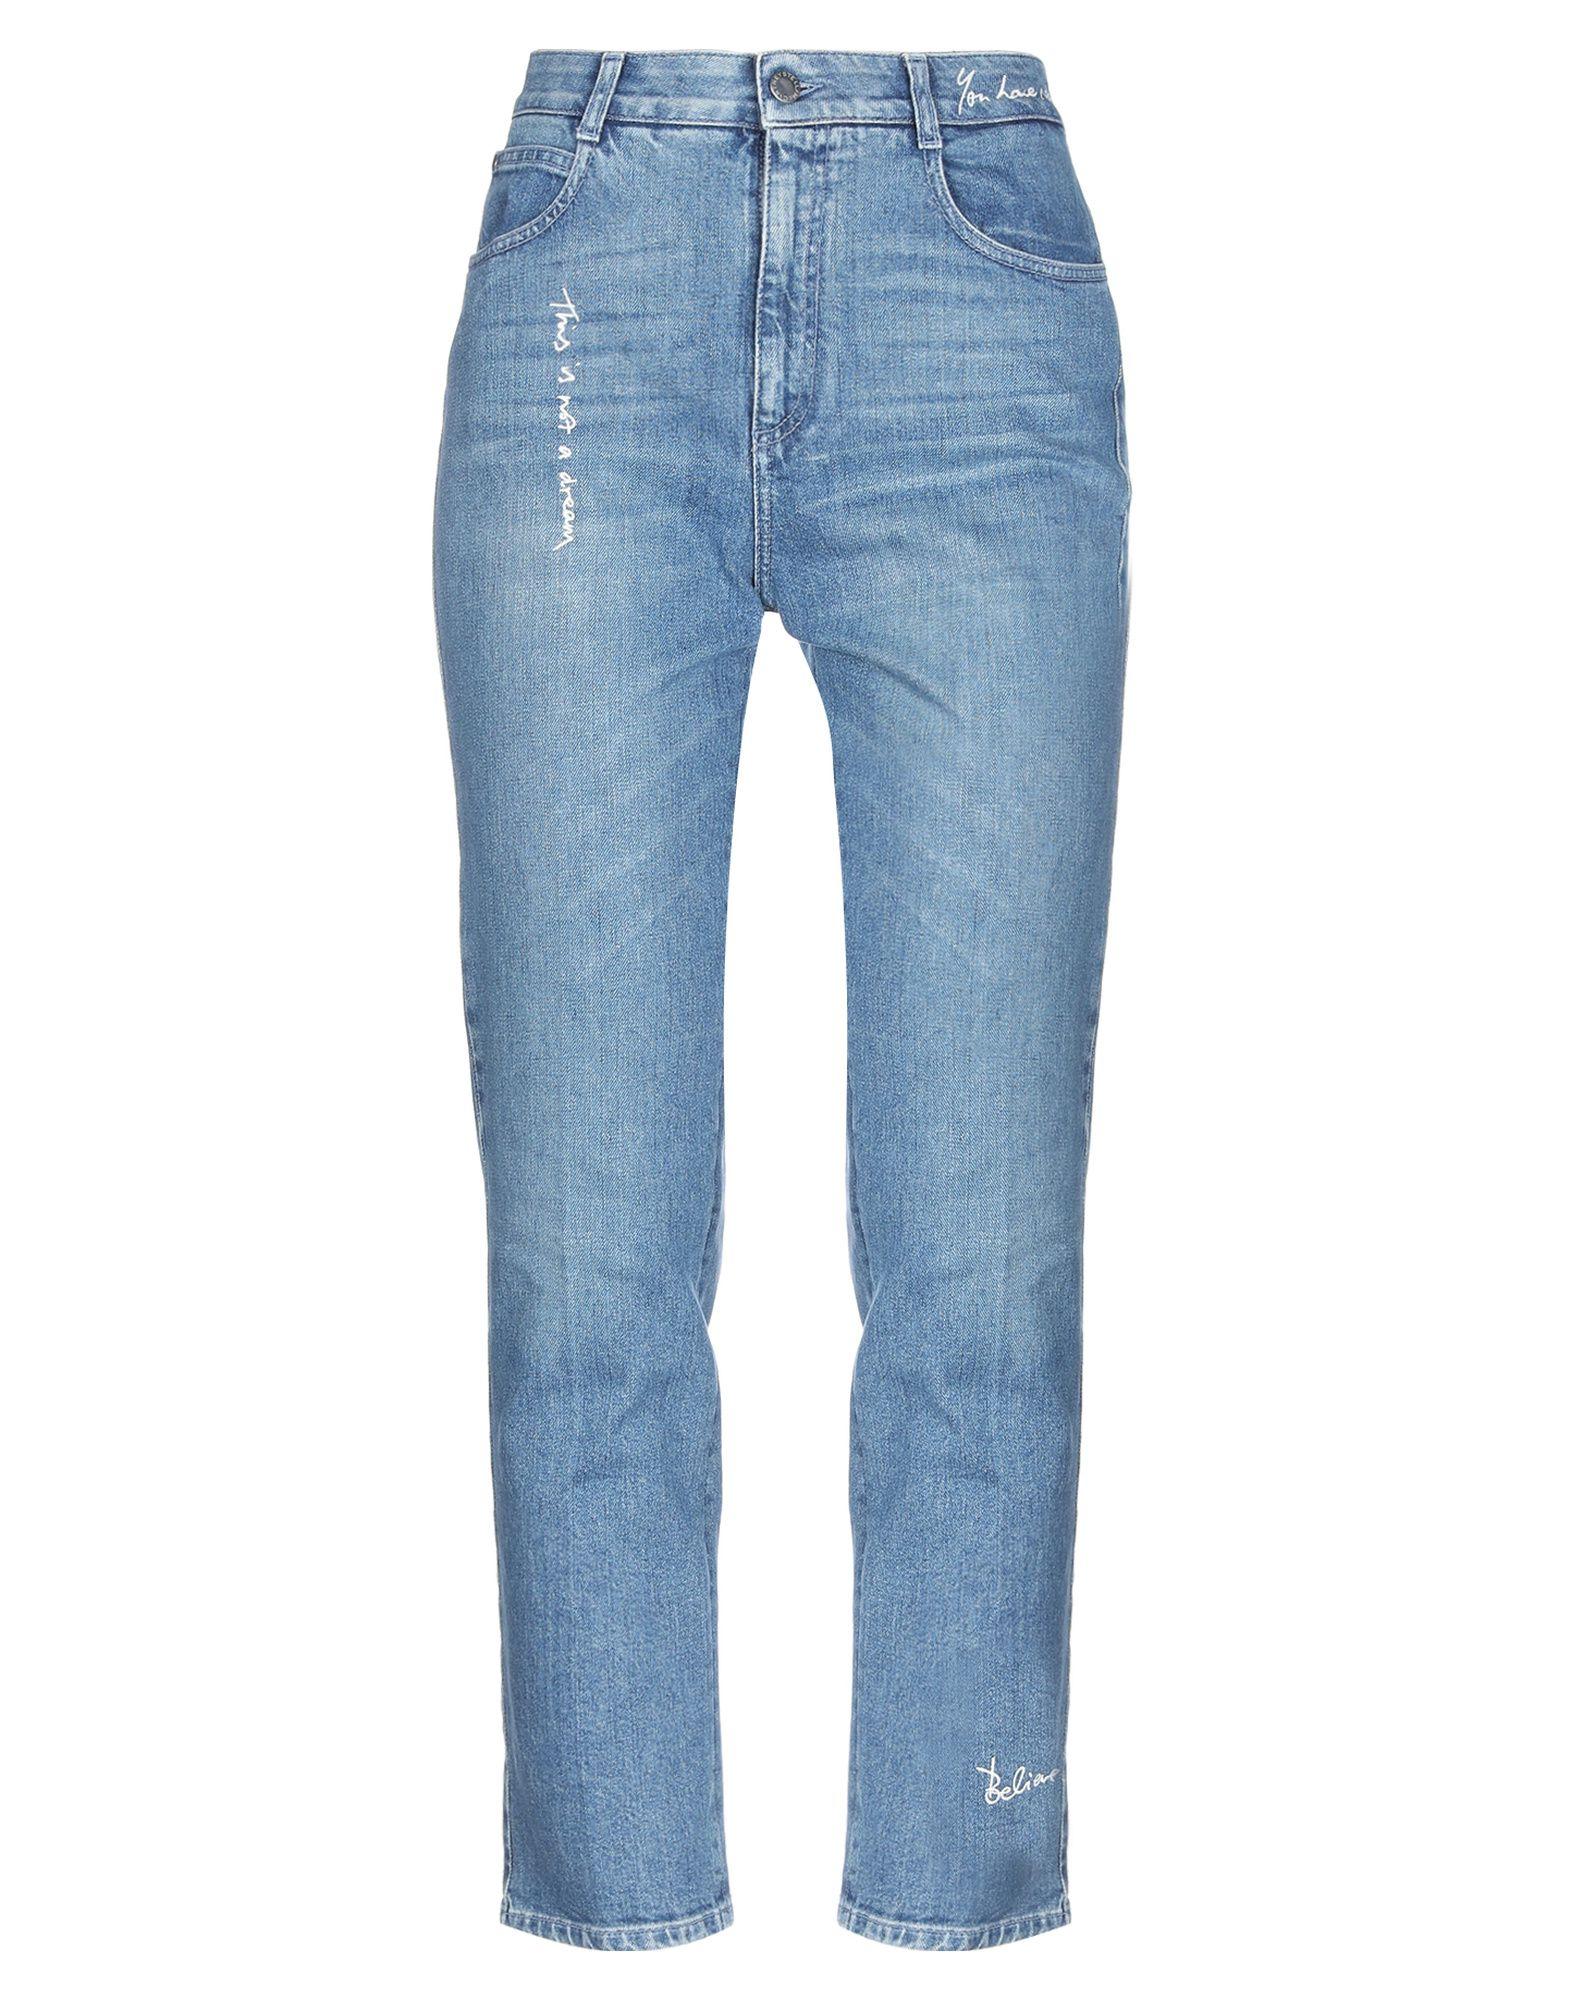 fb52def40d01e Stella Mccartney Jeans In Blue